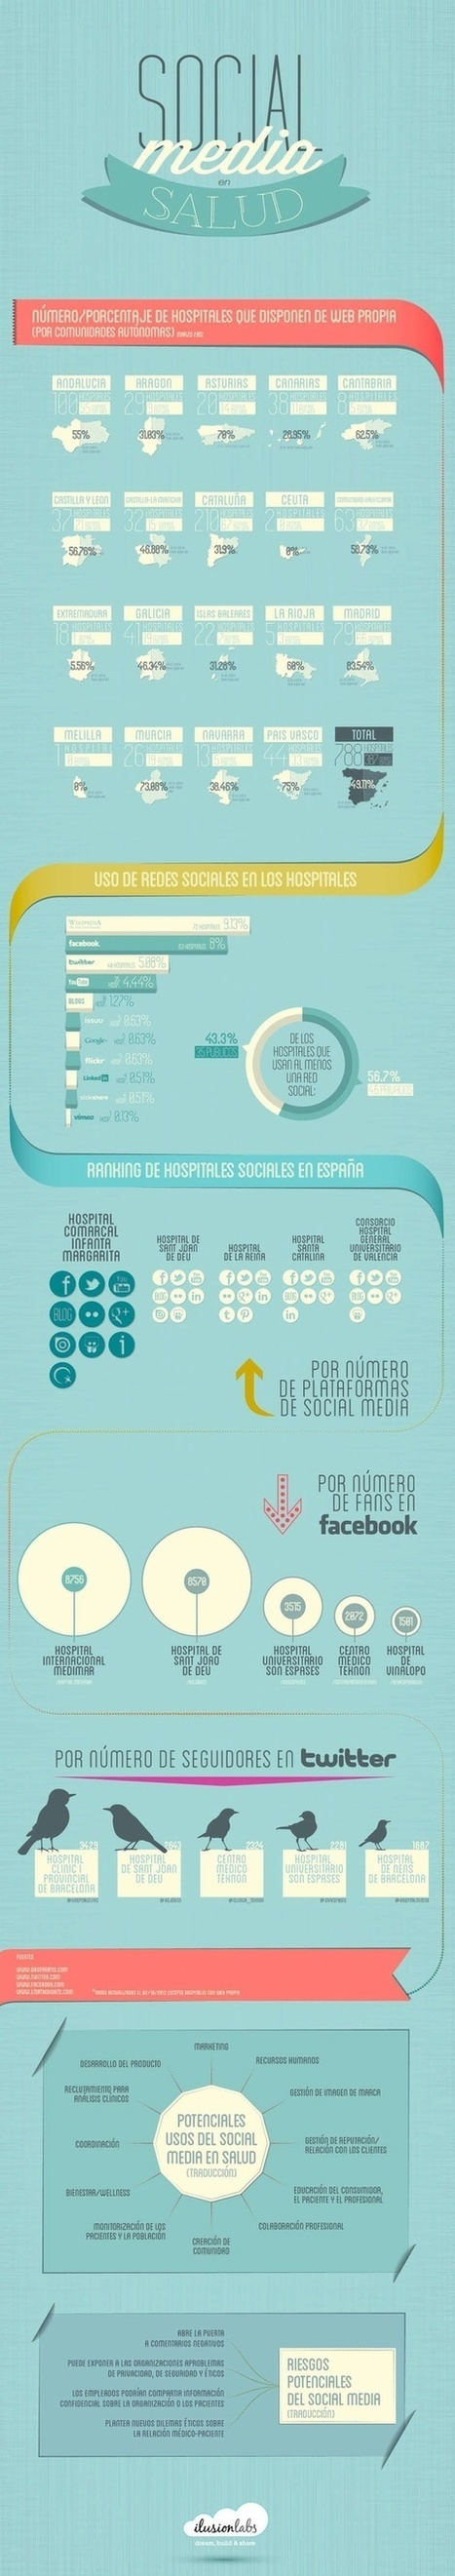 Infografía: Salud y Social Media en Hospitales. España. Vía Hospital Digital | eSalud Social Media | Scoop.it